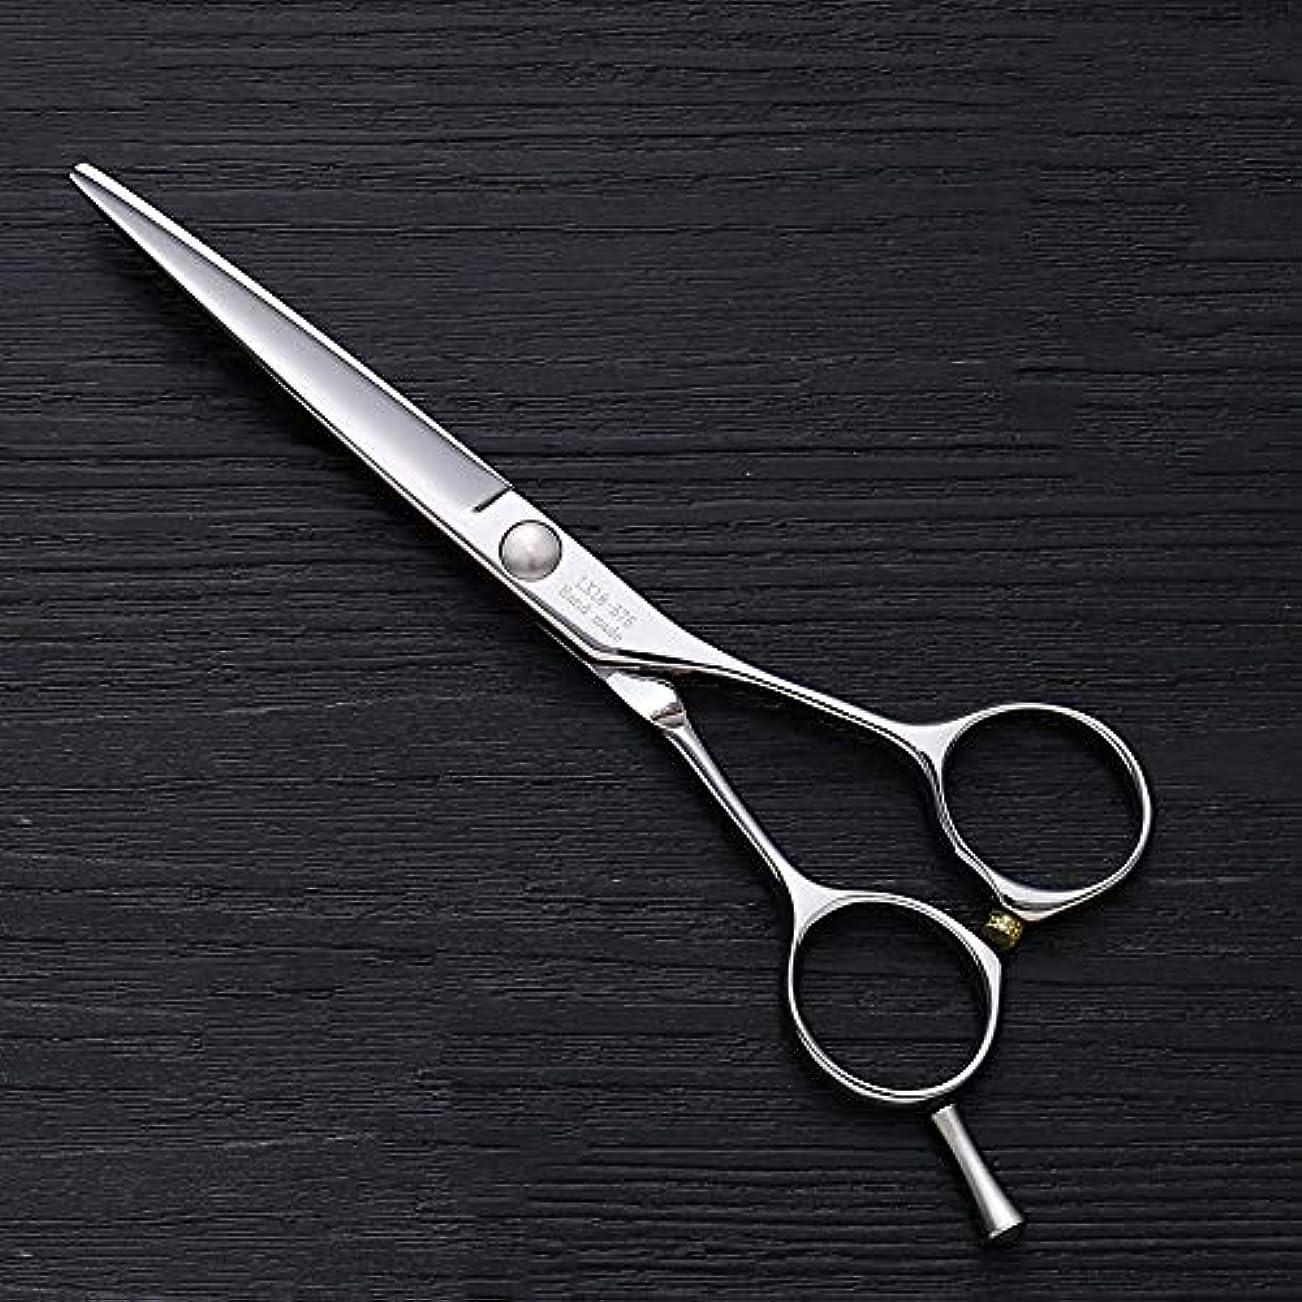 モルヒネみ記念品理髪用はさみ 5.5インチ理髪はさみ、ヘアスタイリスト特別な単語カット平せん断ヘアカットはさみステンレス理髪はさみ (色 : Silver)